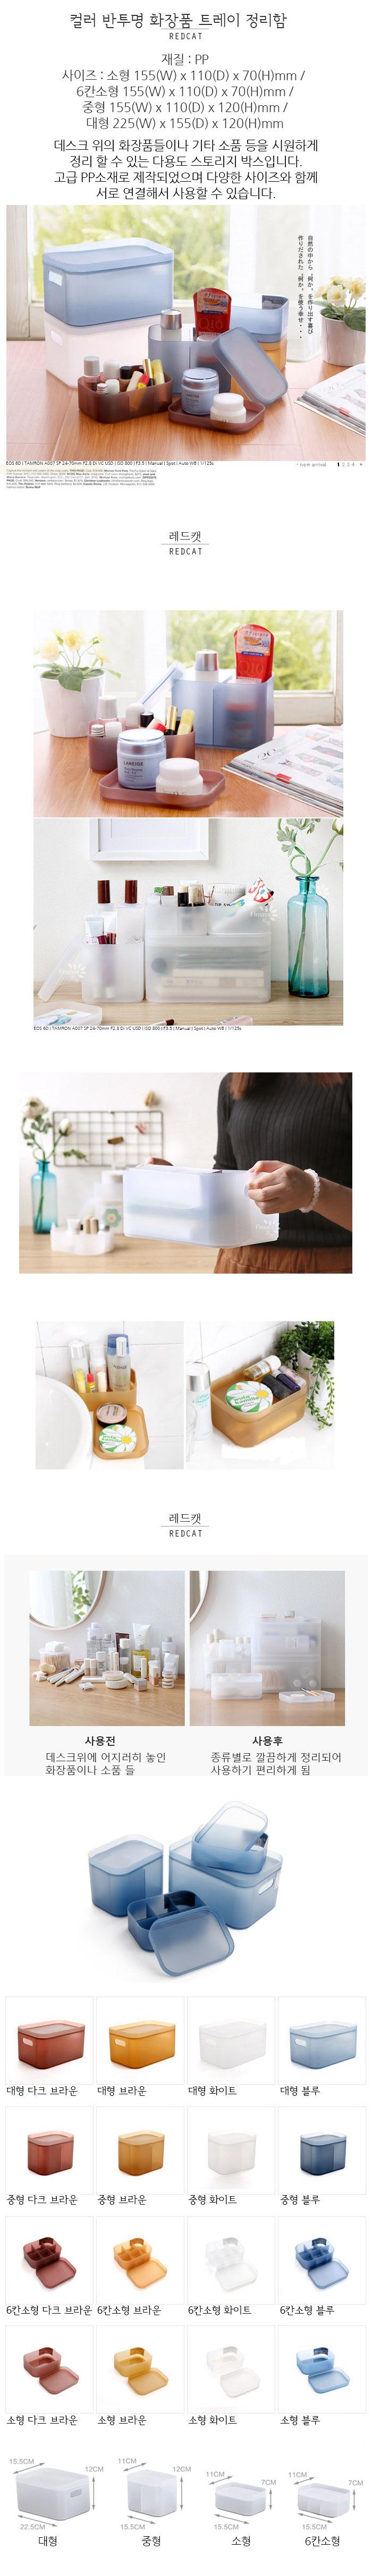 컬러 반투명 화장품 트레이 정리함 - 네코리빙, 1,680원, 정리/리빙박스, 플라스틱 리빙박스